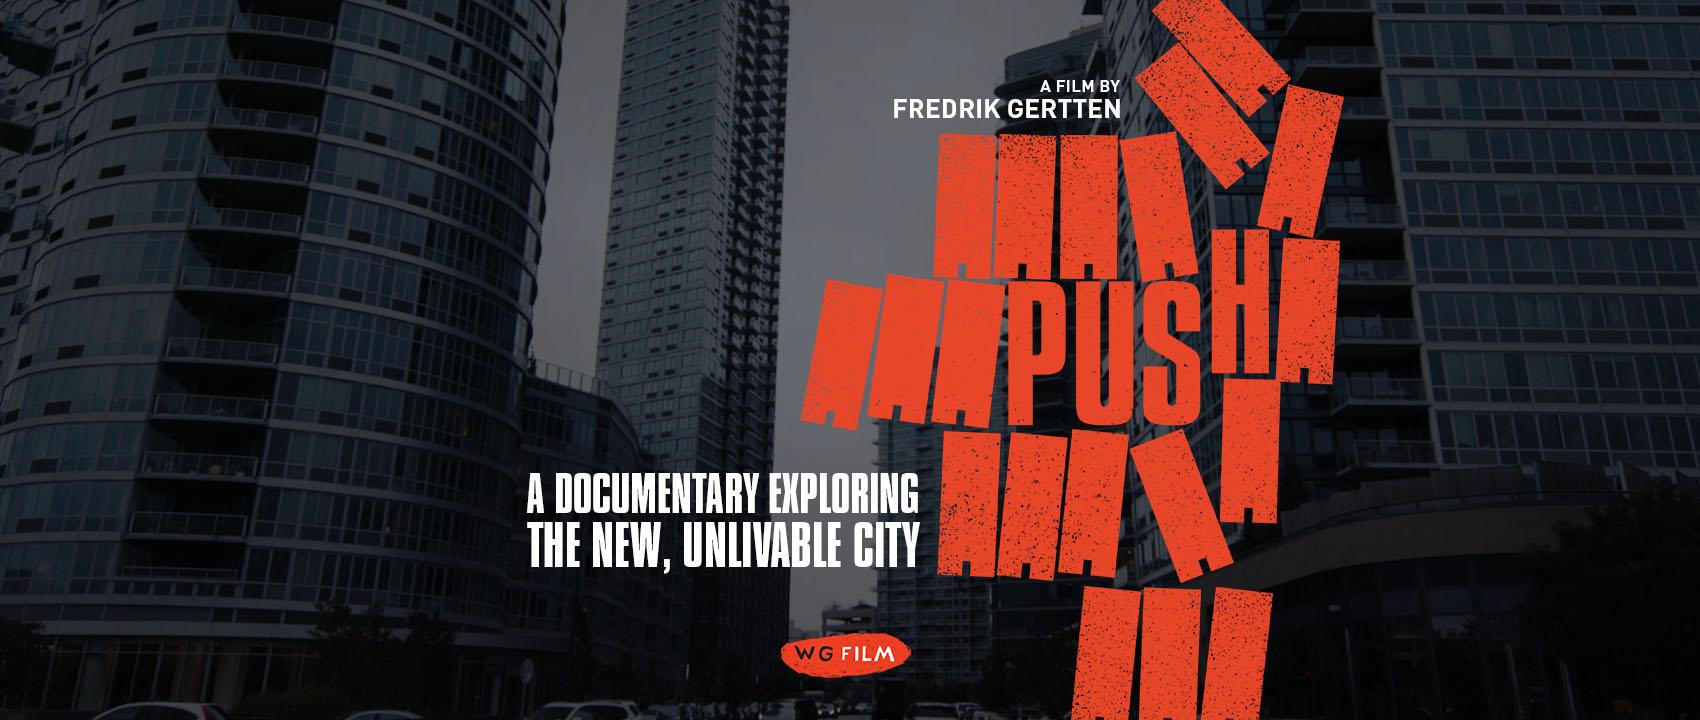 Afbeeldingsresultaat voor push documentary gerrten